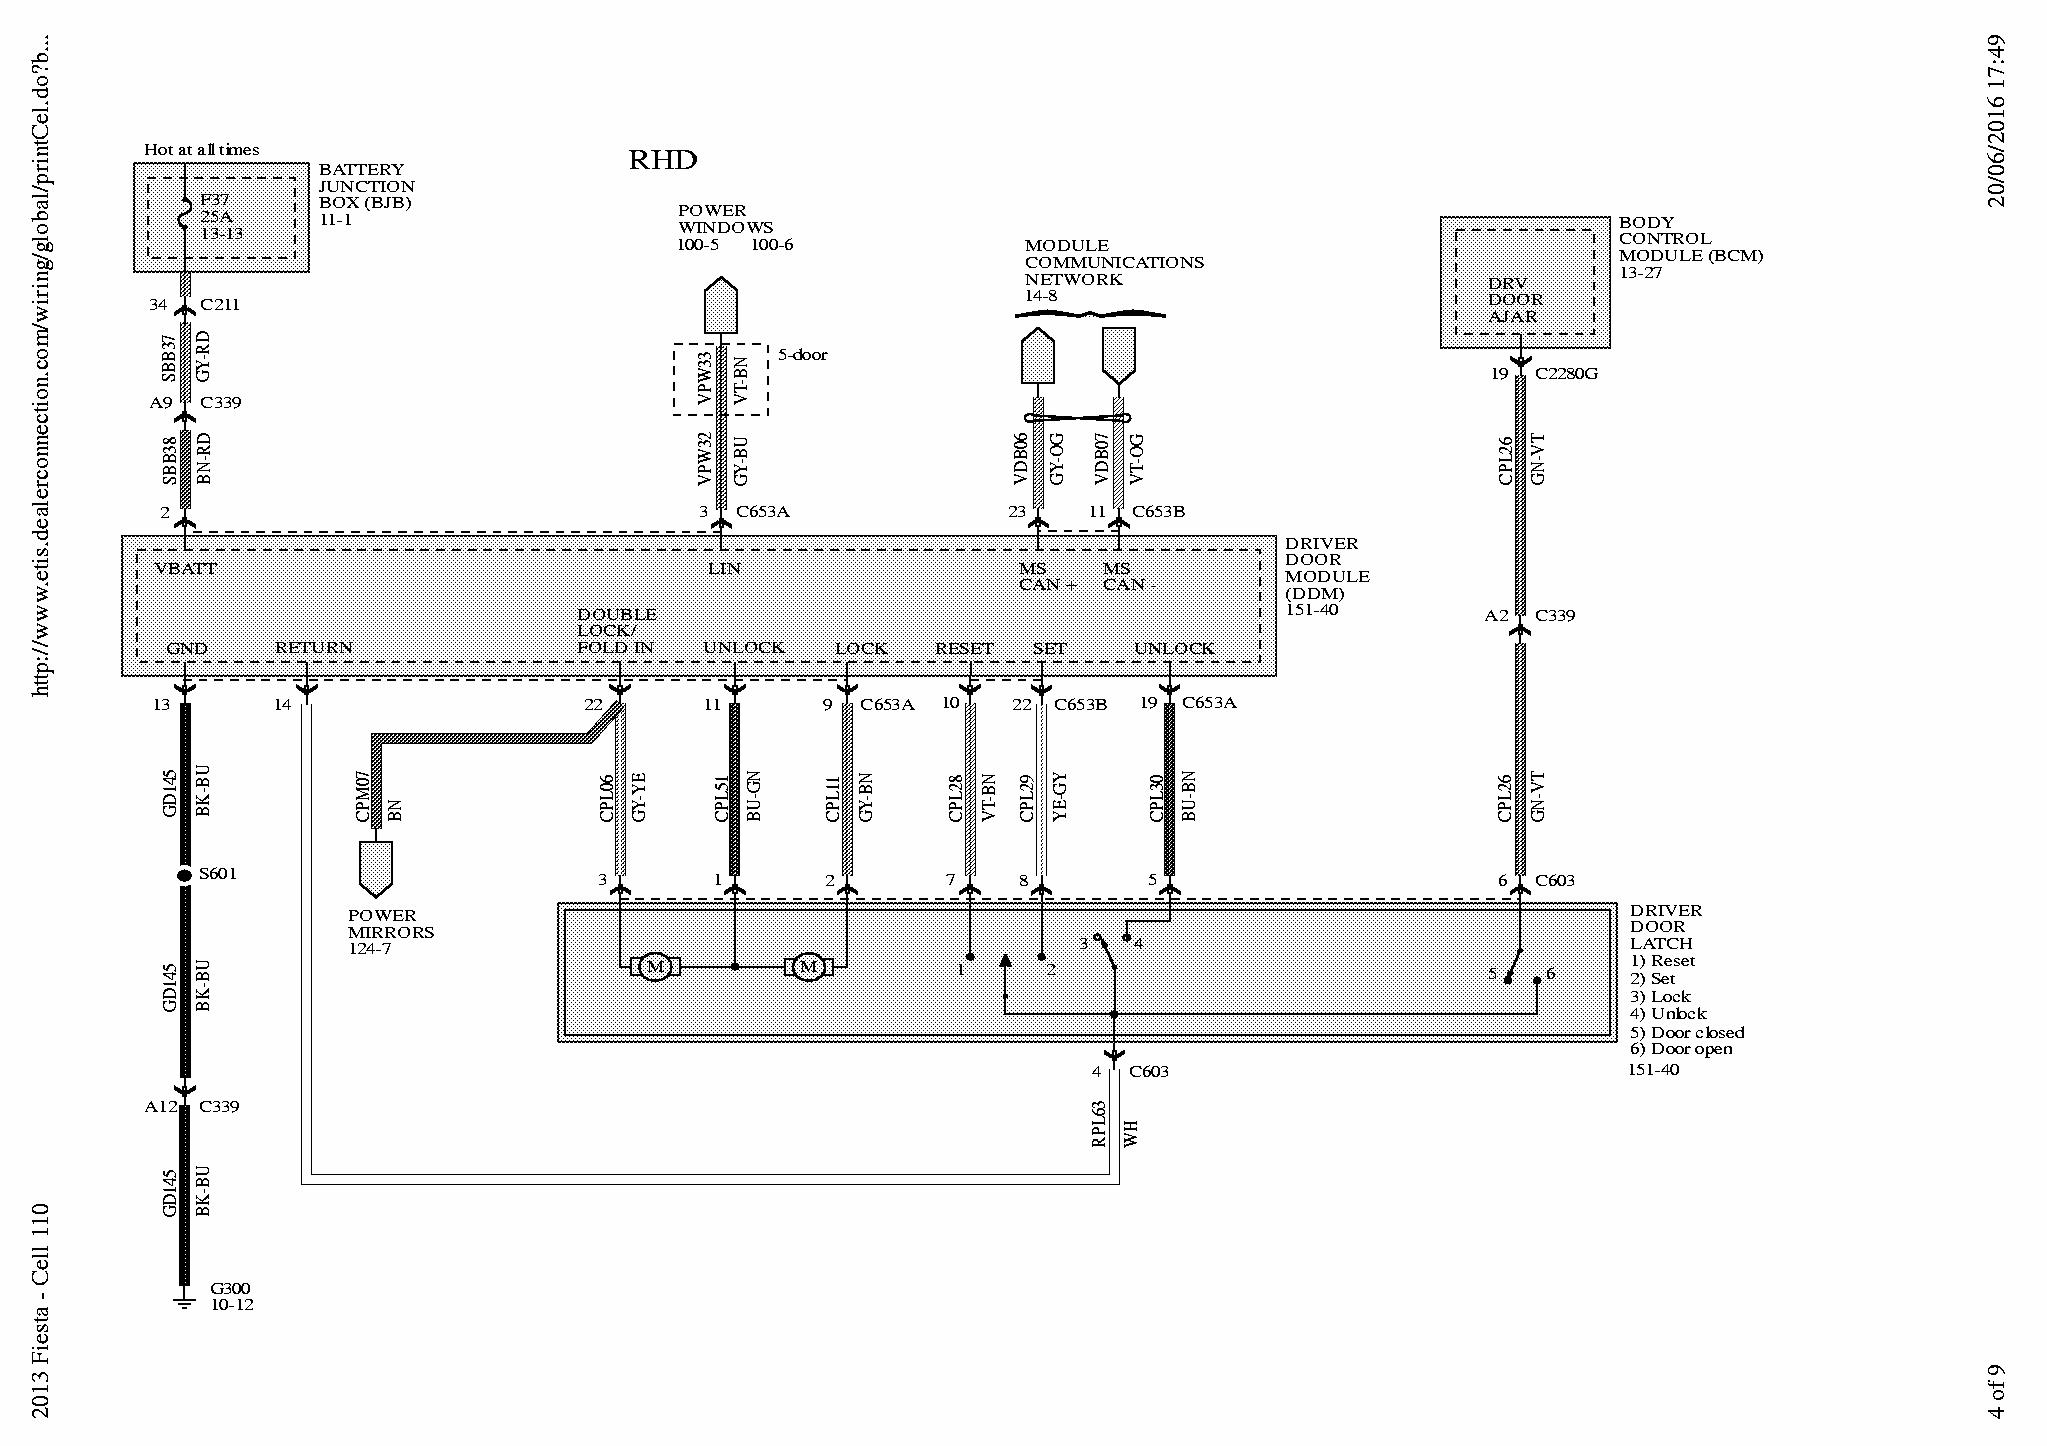 Ford Fiestum 06 Wiring Diagram